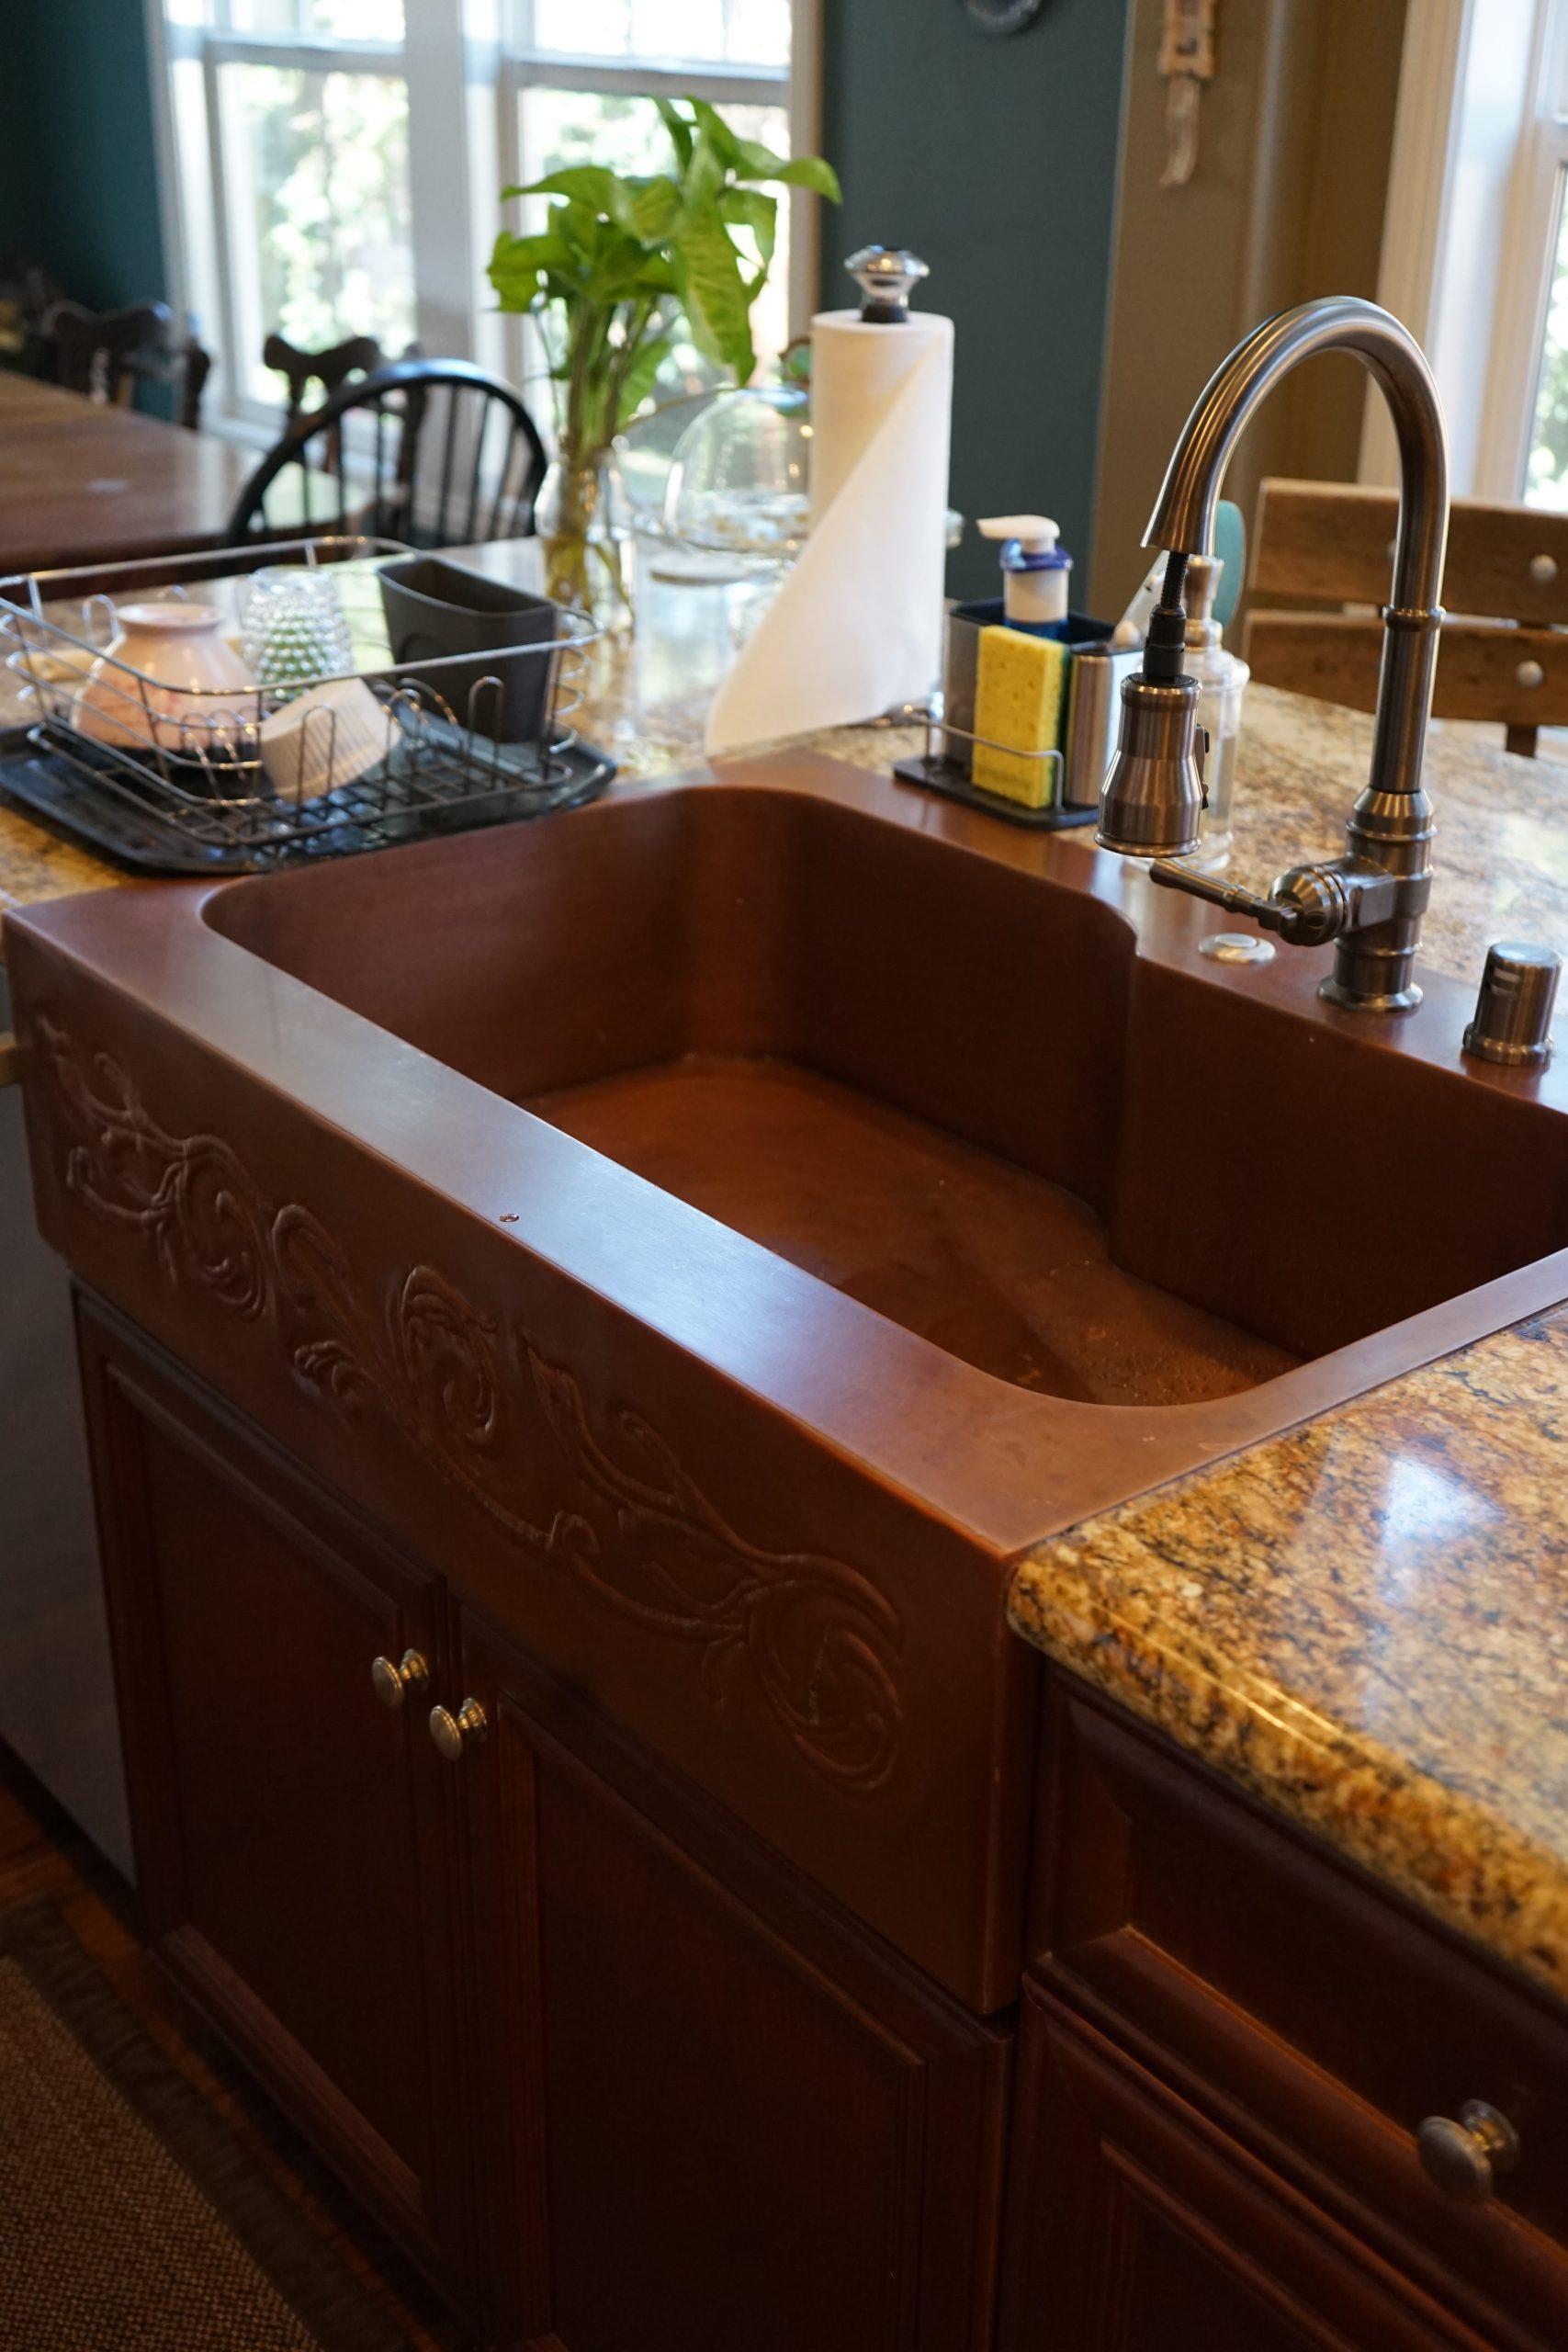 Offset Basin Farmhouse Sink with custom repoussé apron